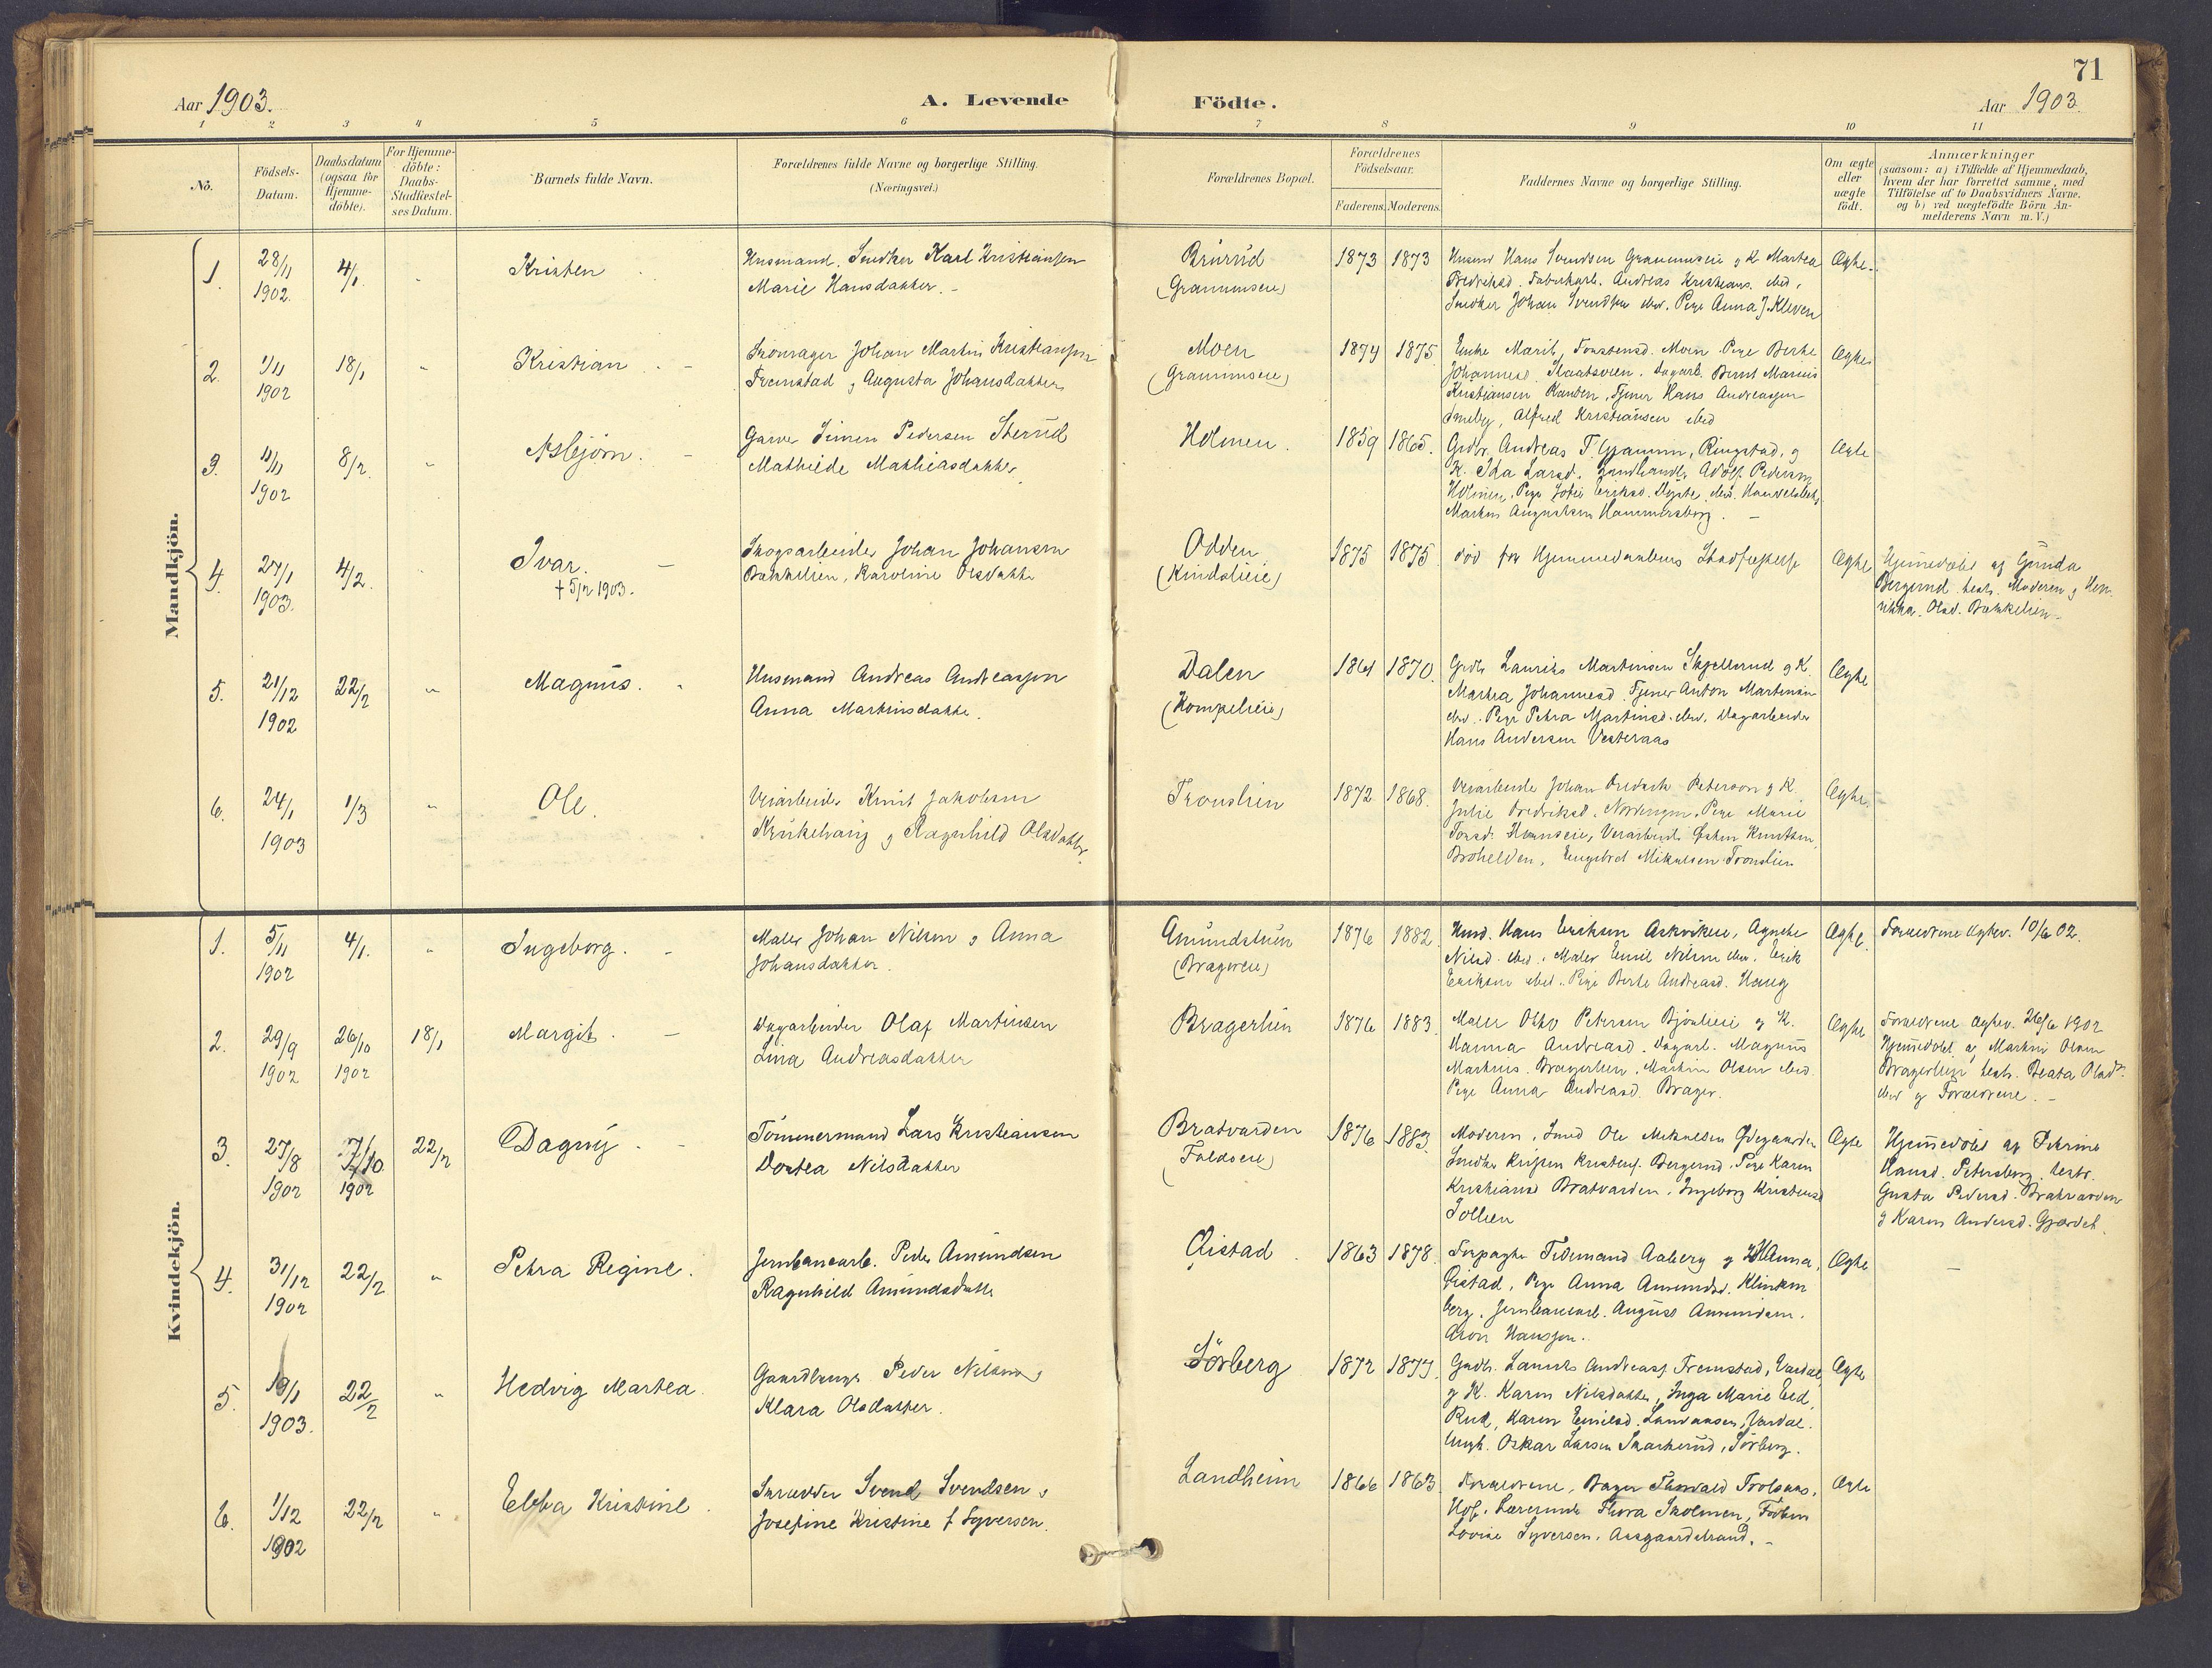 SAH, Søndre Land prestekontor, K/L0006: Ministerialbok nr. 6, 1895-1904, s. 71